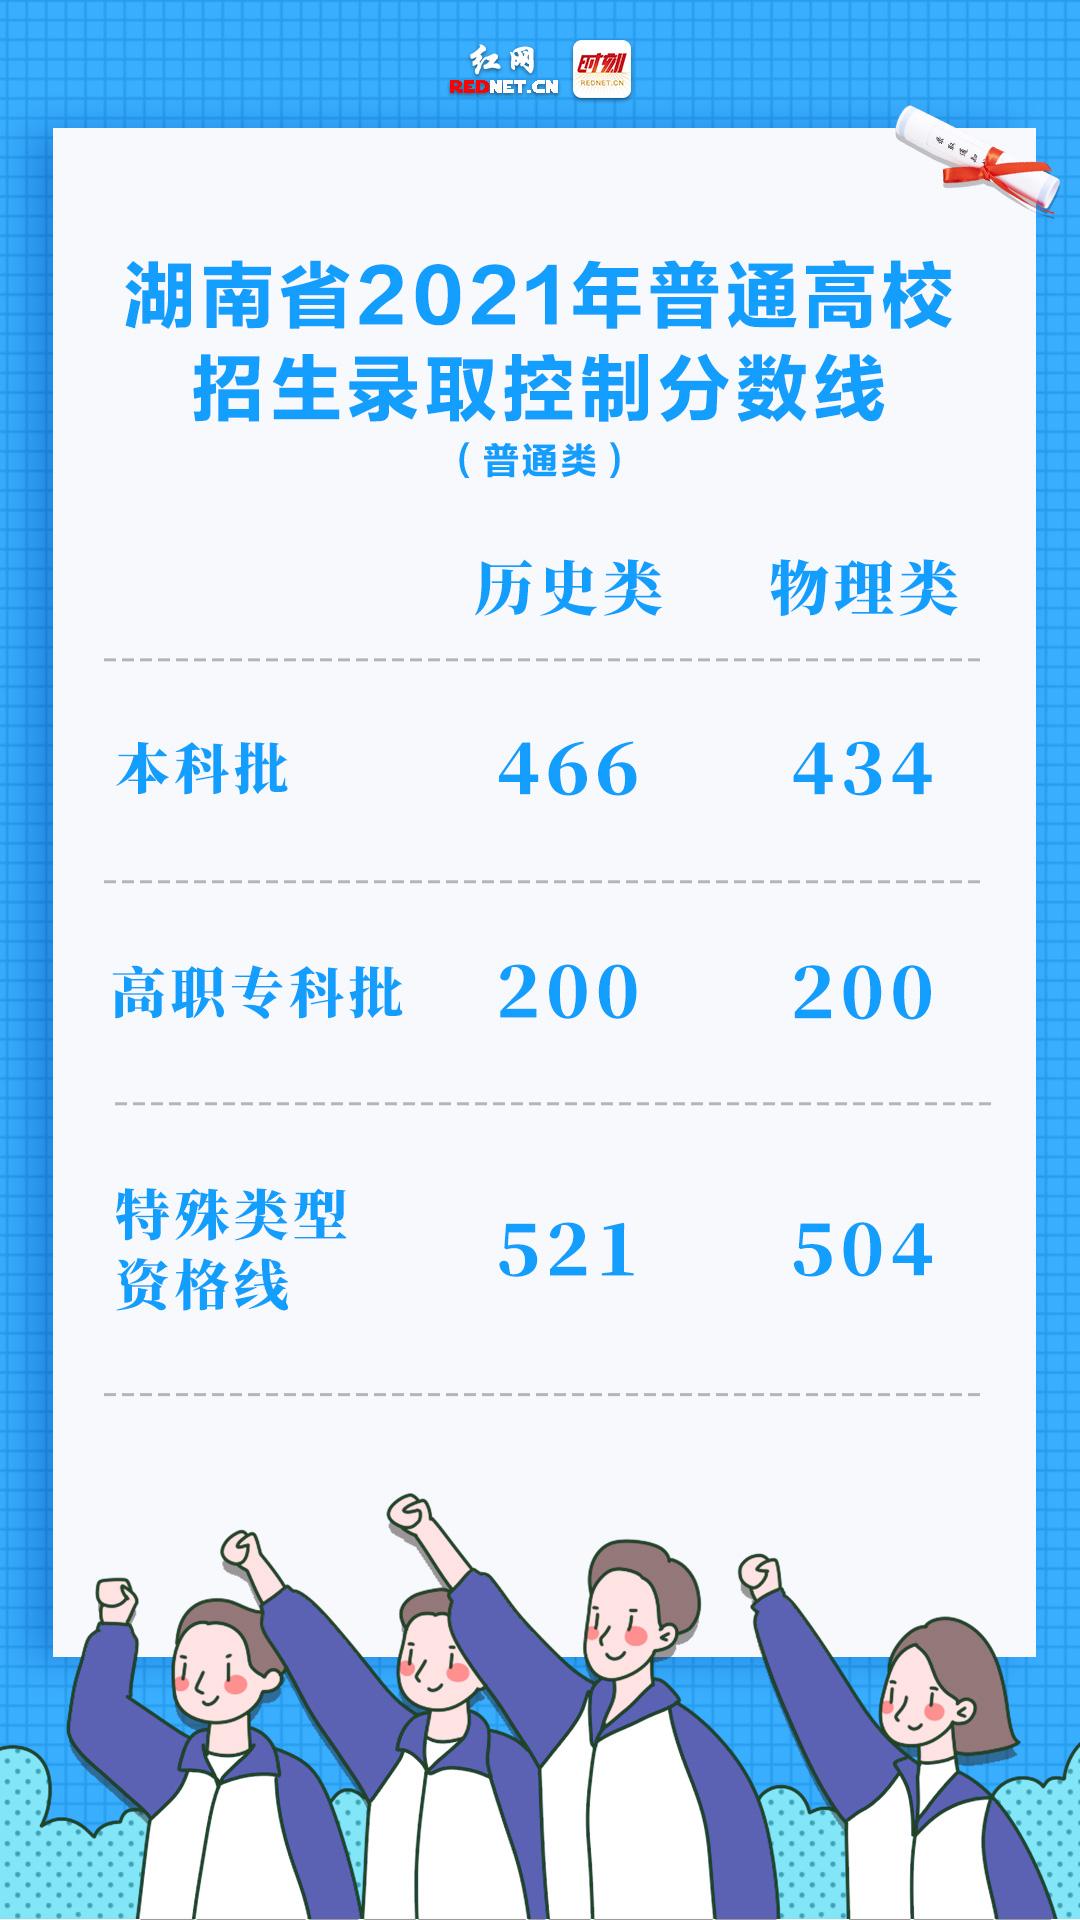 权威发布!湖南省2021年高考分数线出炉